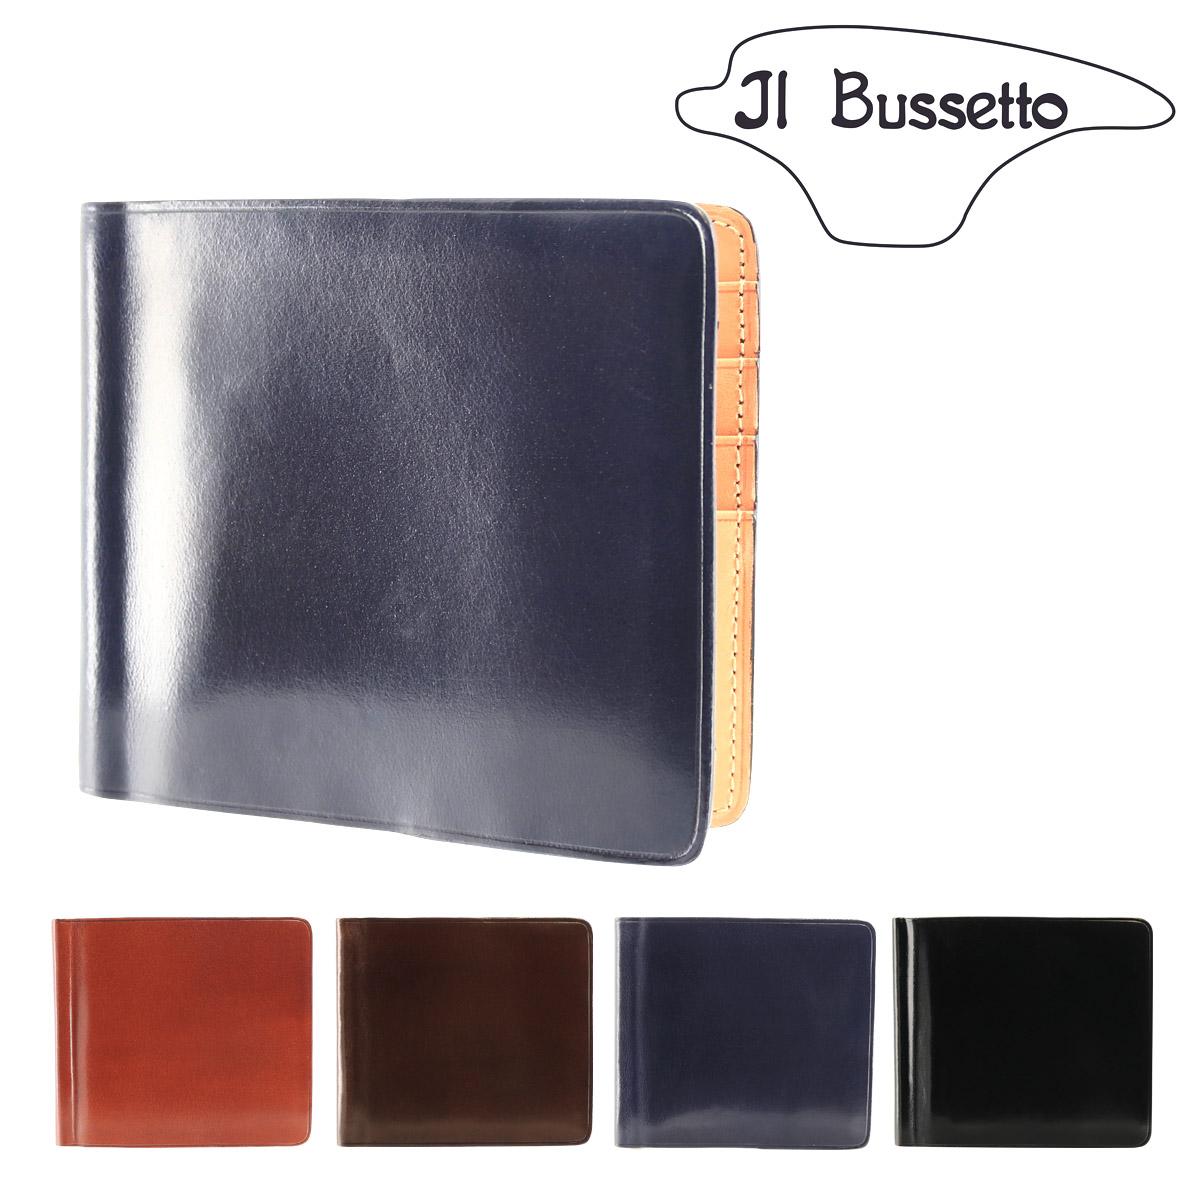 イルブセット マネークリップ 革 財布 メンズ レディース 11-155 IL BUSSETTO   カードポケット付き 本革 イタリアンレザー ブランド専用BOX付き[bef][PO5]